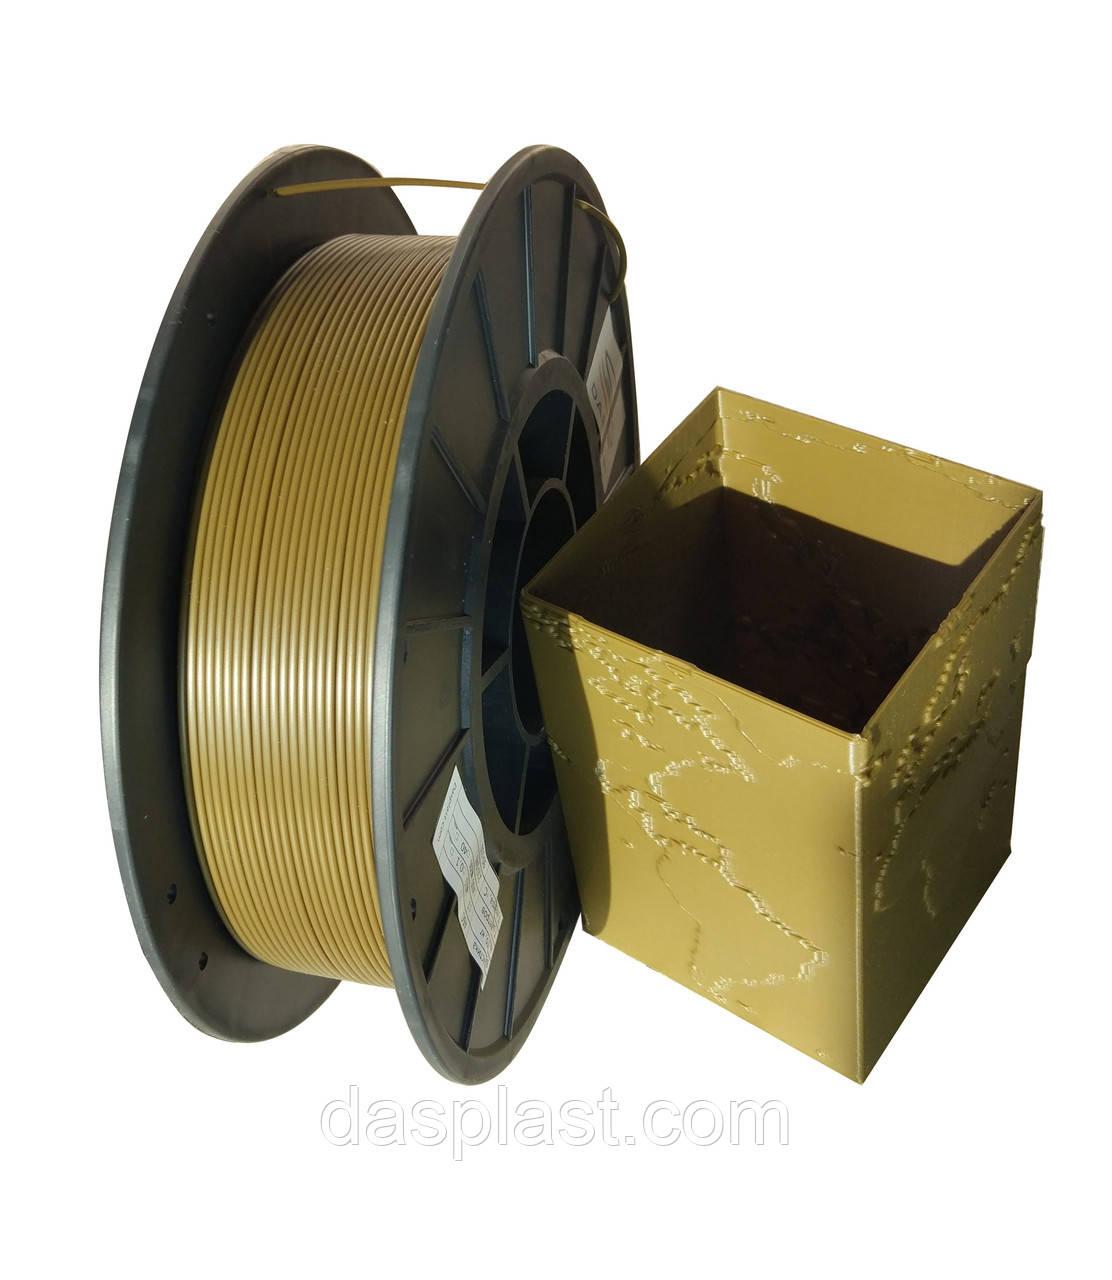 АБС нить хаки,1.75 мм пластик для 3d печати , 0,5 кг